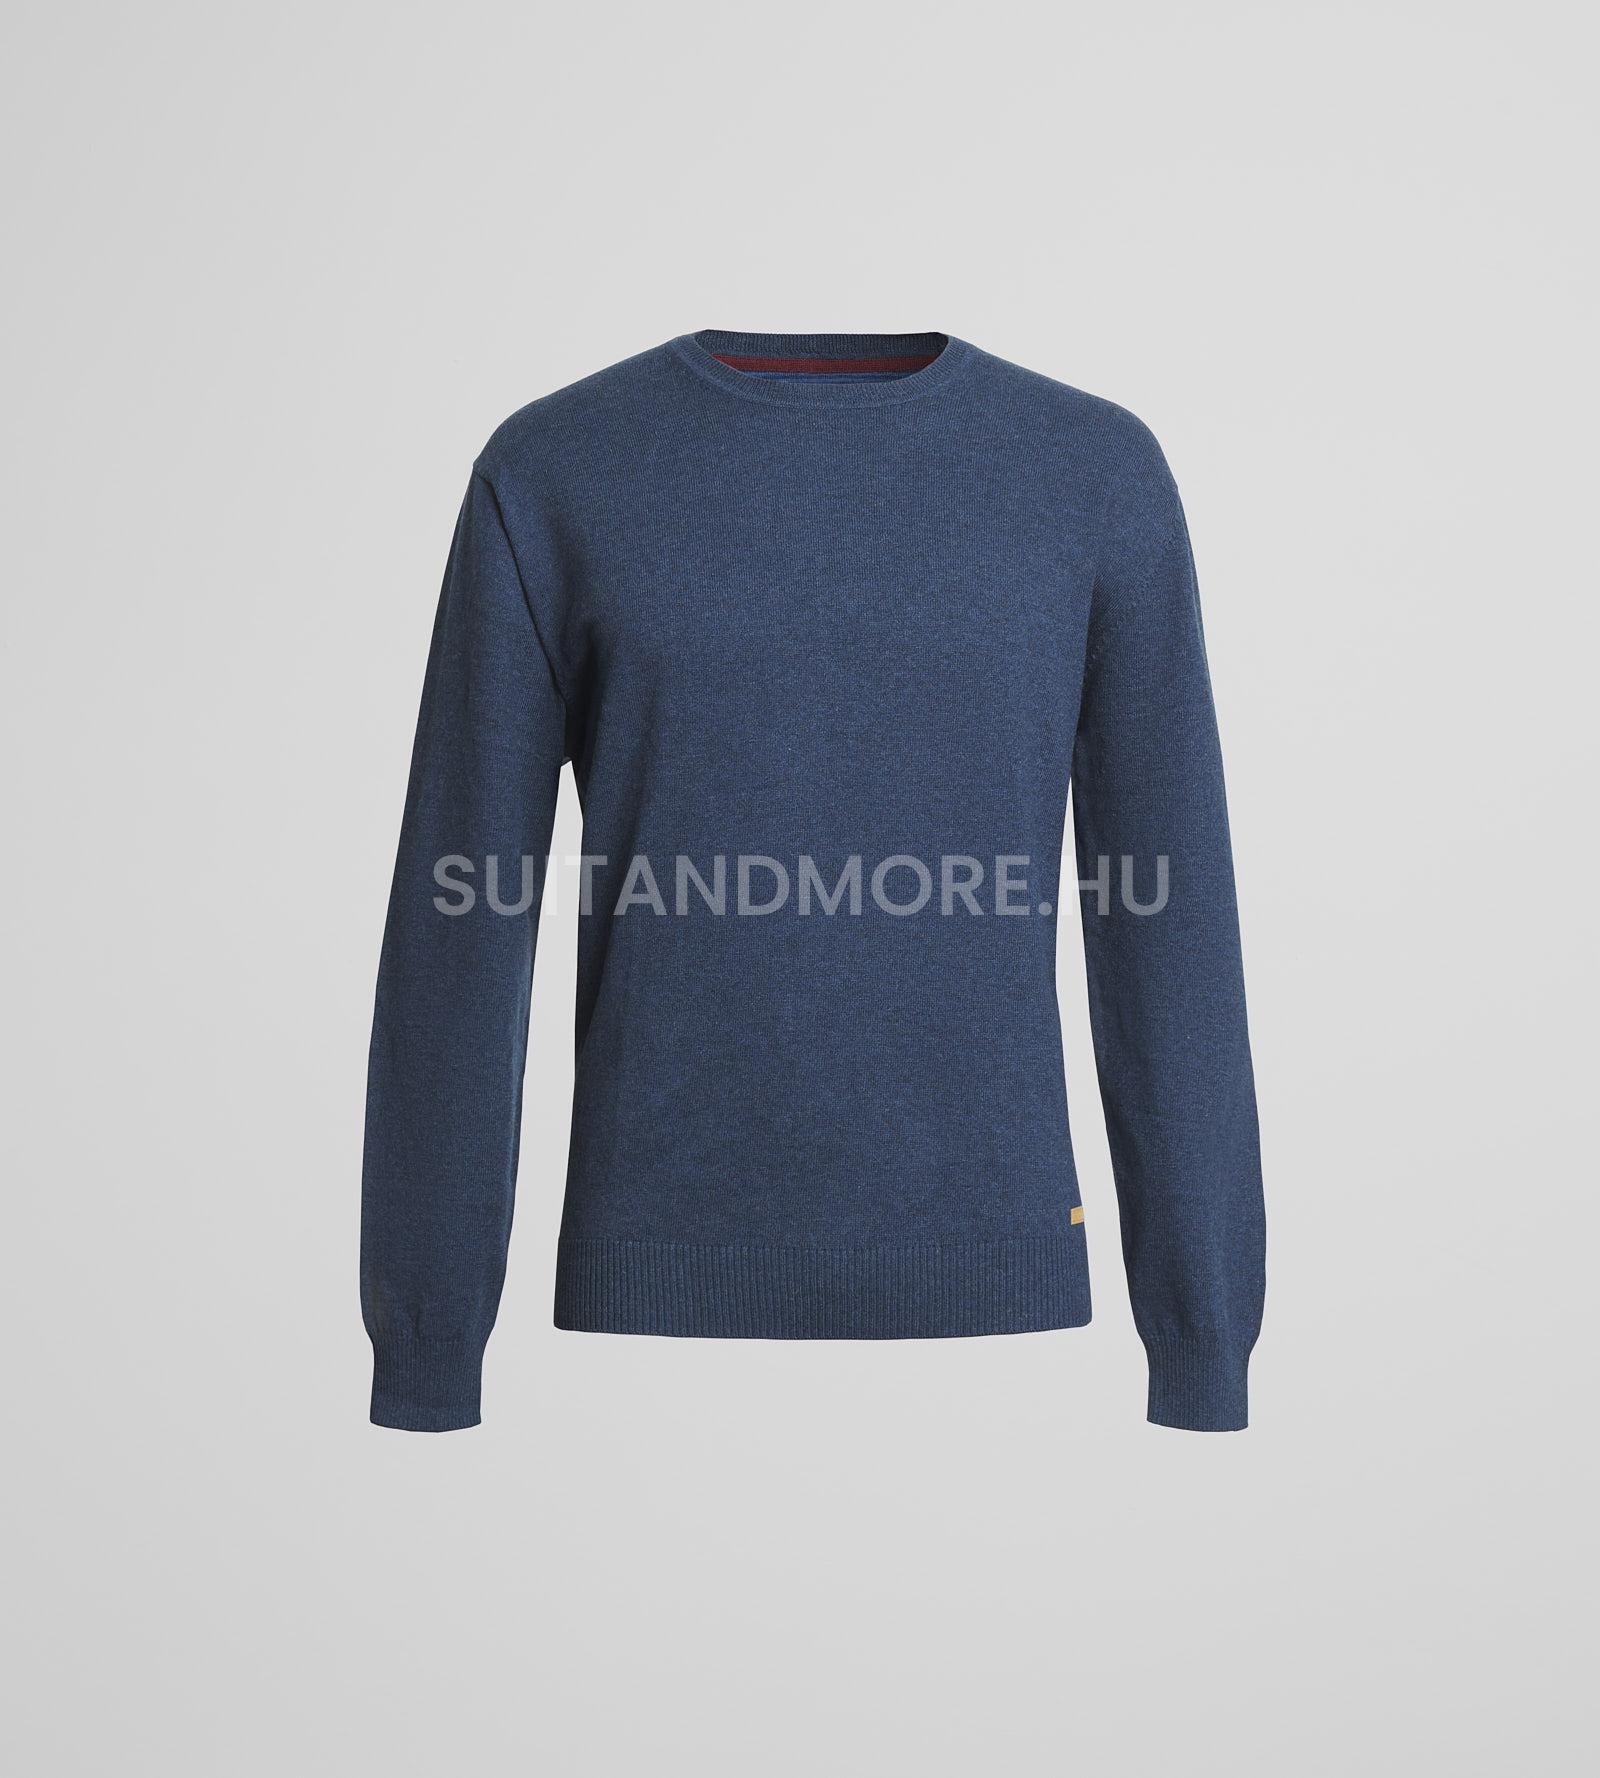 digel-sotetkek-modern-fit-kerek-nyaku-gyapju-pulover-faros1-1-1268001-20